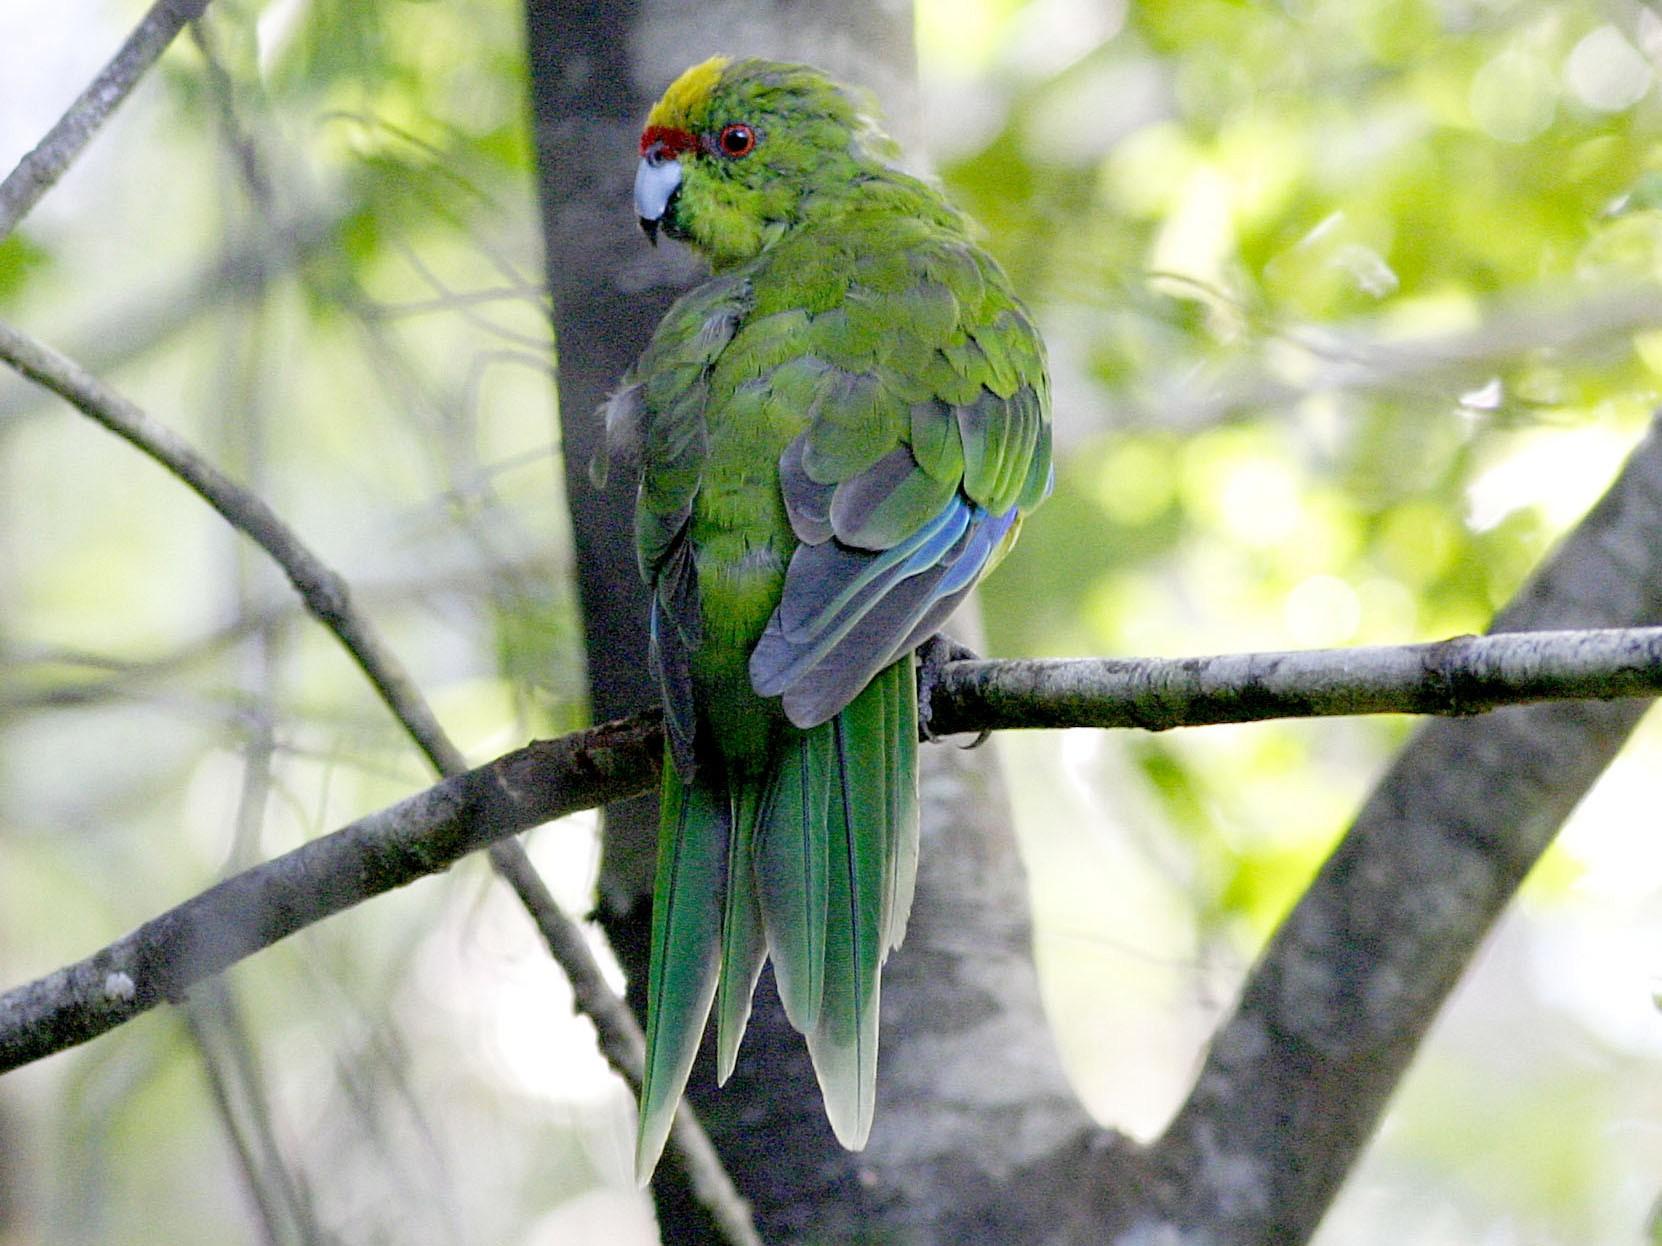 Yellow-crowned Parakeet - David Bradley